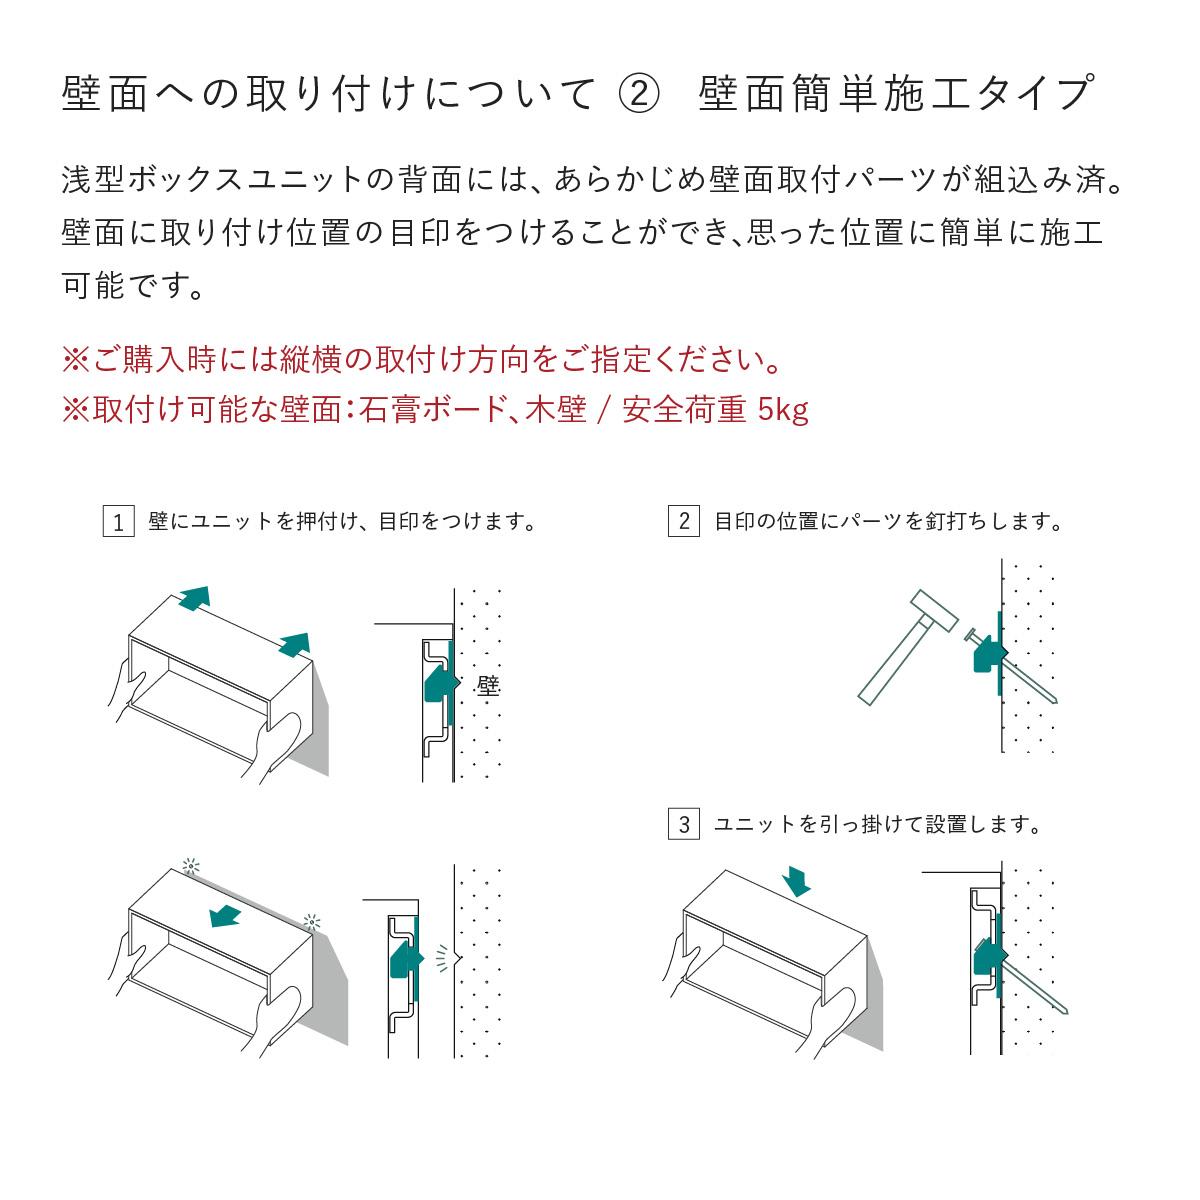 【V-TISS LIGHT】 ハーフ浅型2連 (縦取付けタイプ)